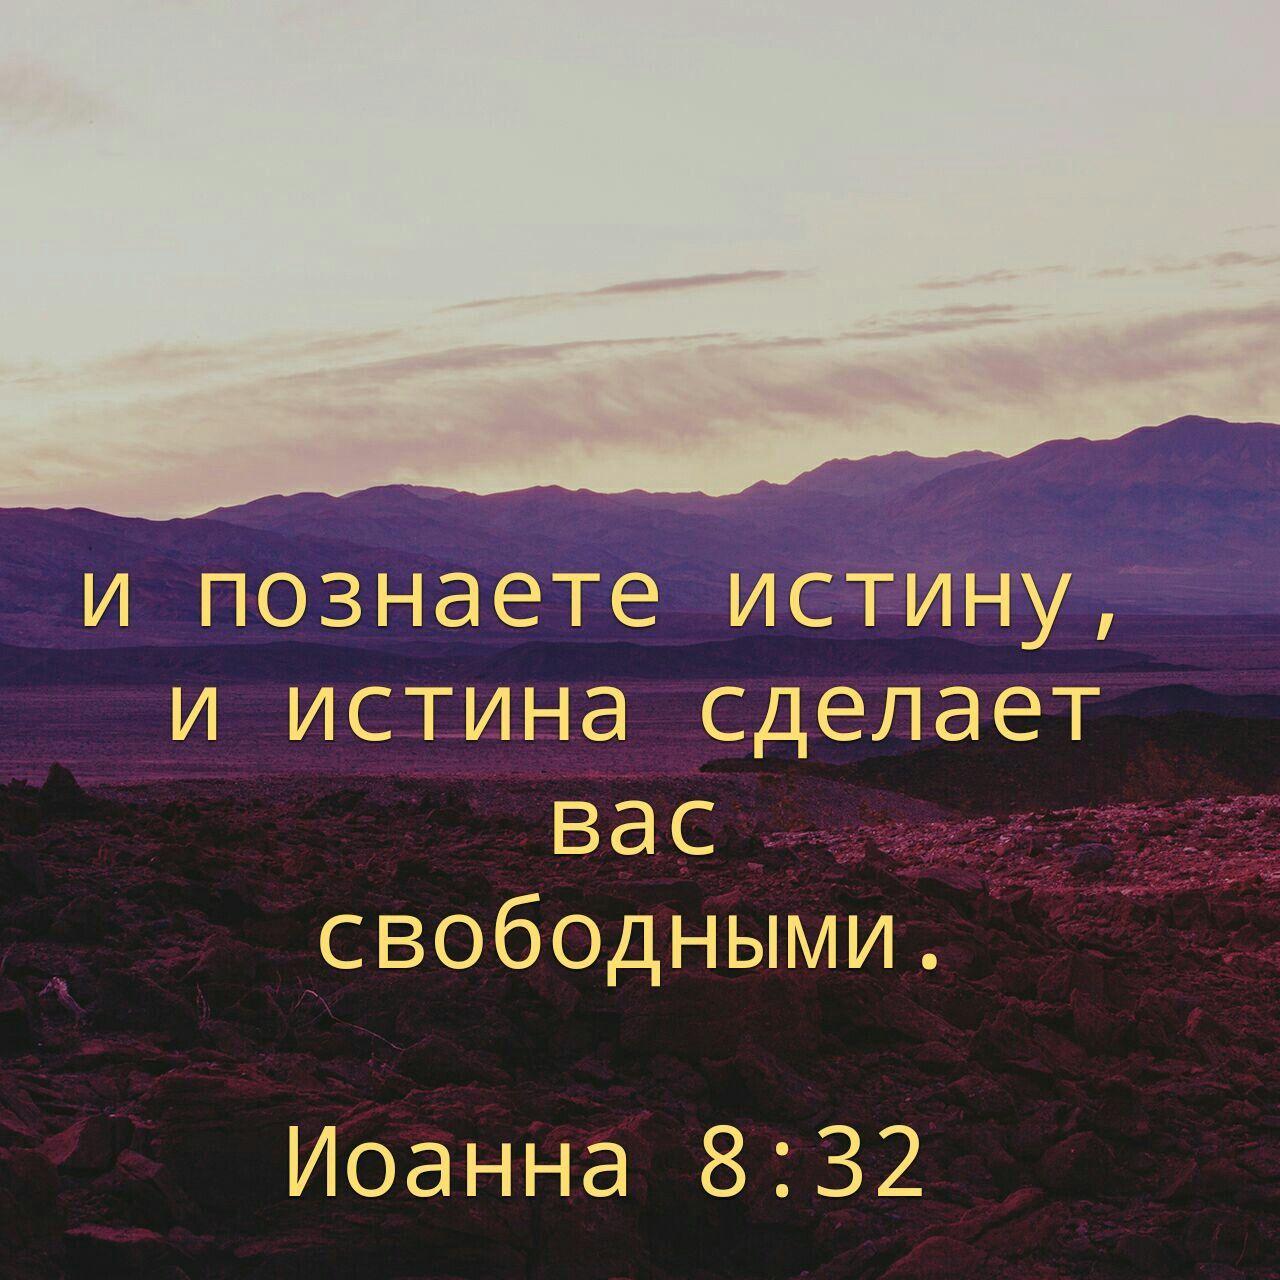 цитаты из библии с картинками ждет